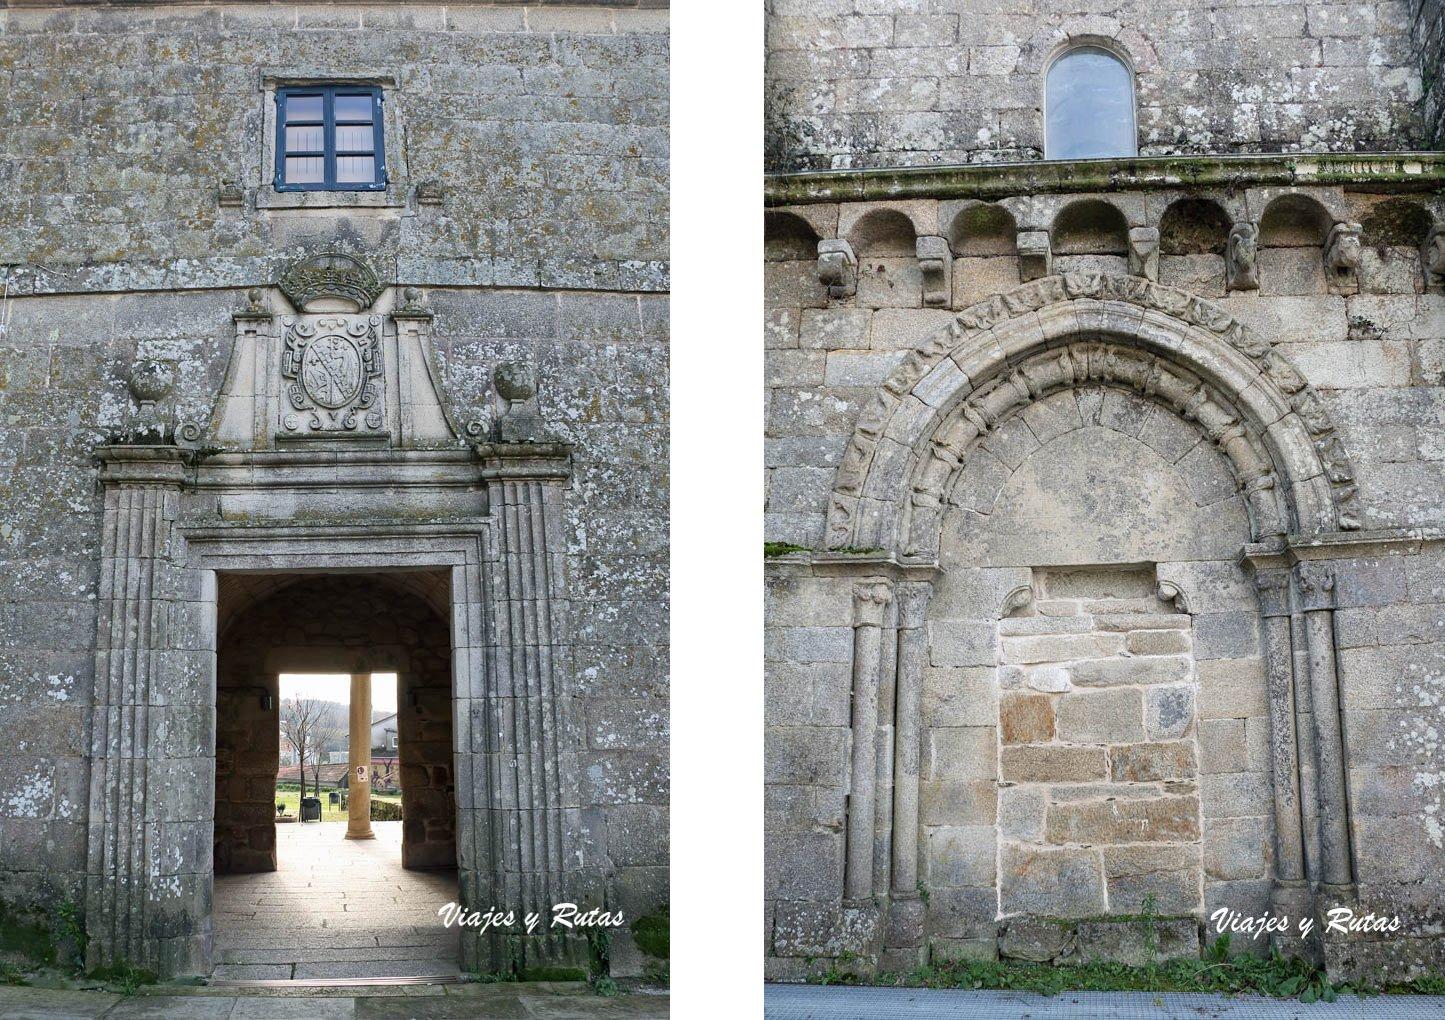 Portería y portada del Monasterio de Xunqueira de Espadanedo